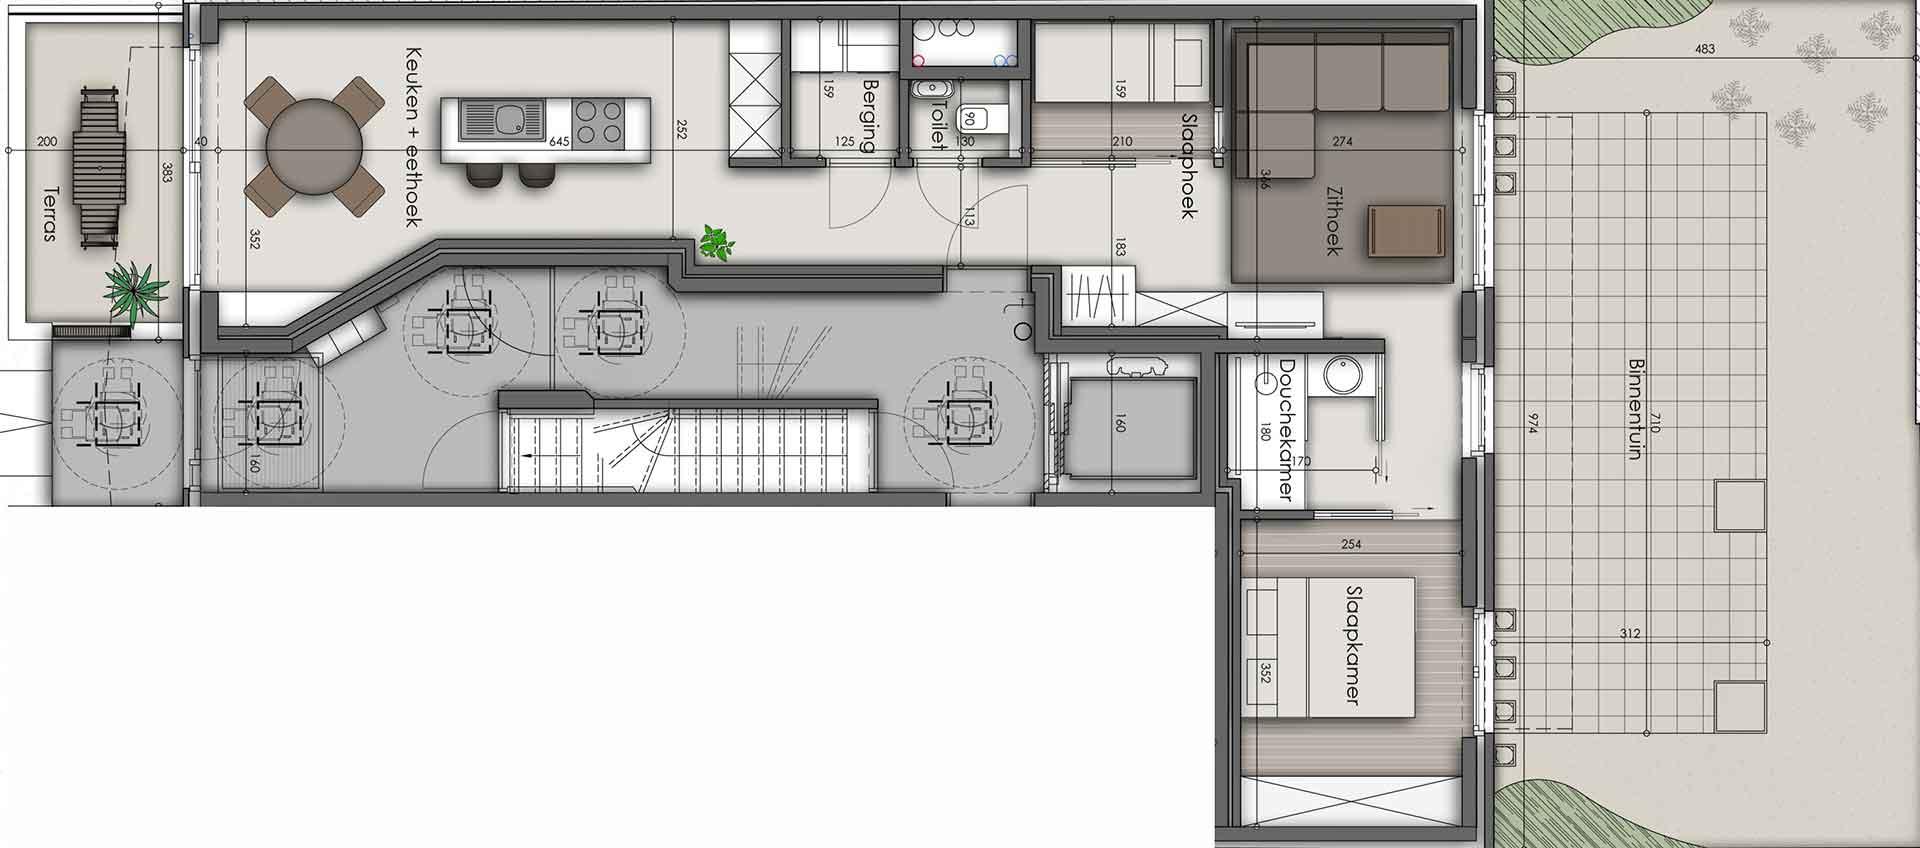 Residentie <br/> Zilverzand - image appartement-te-koop-zilverzand-koksijde-gv01 on https://hoprom.be